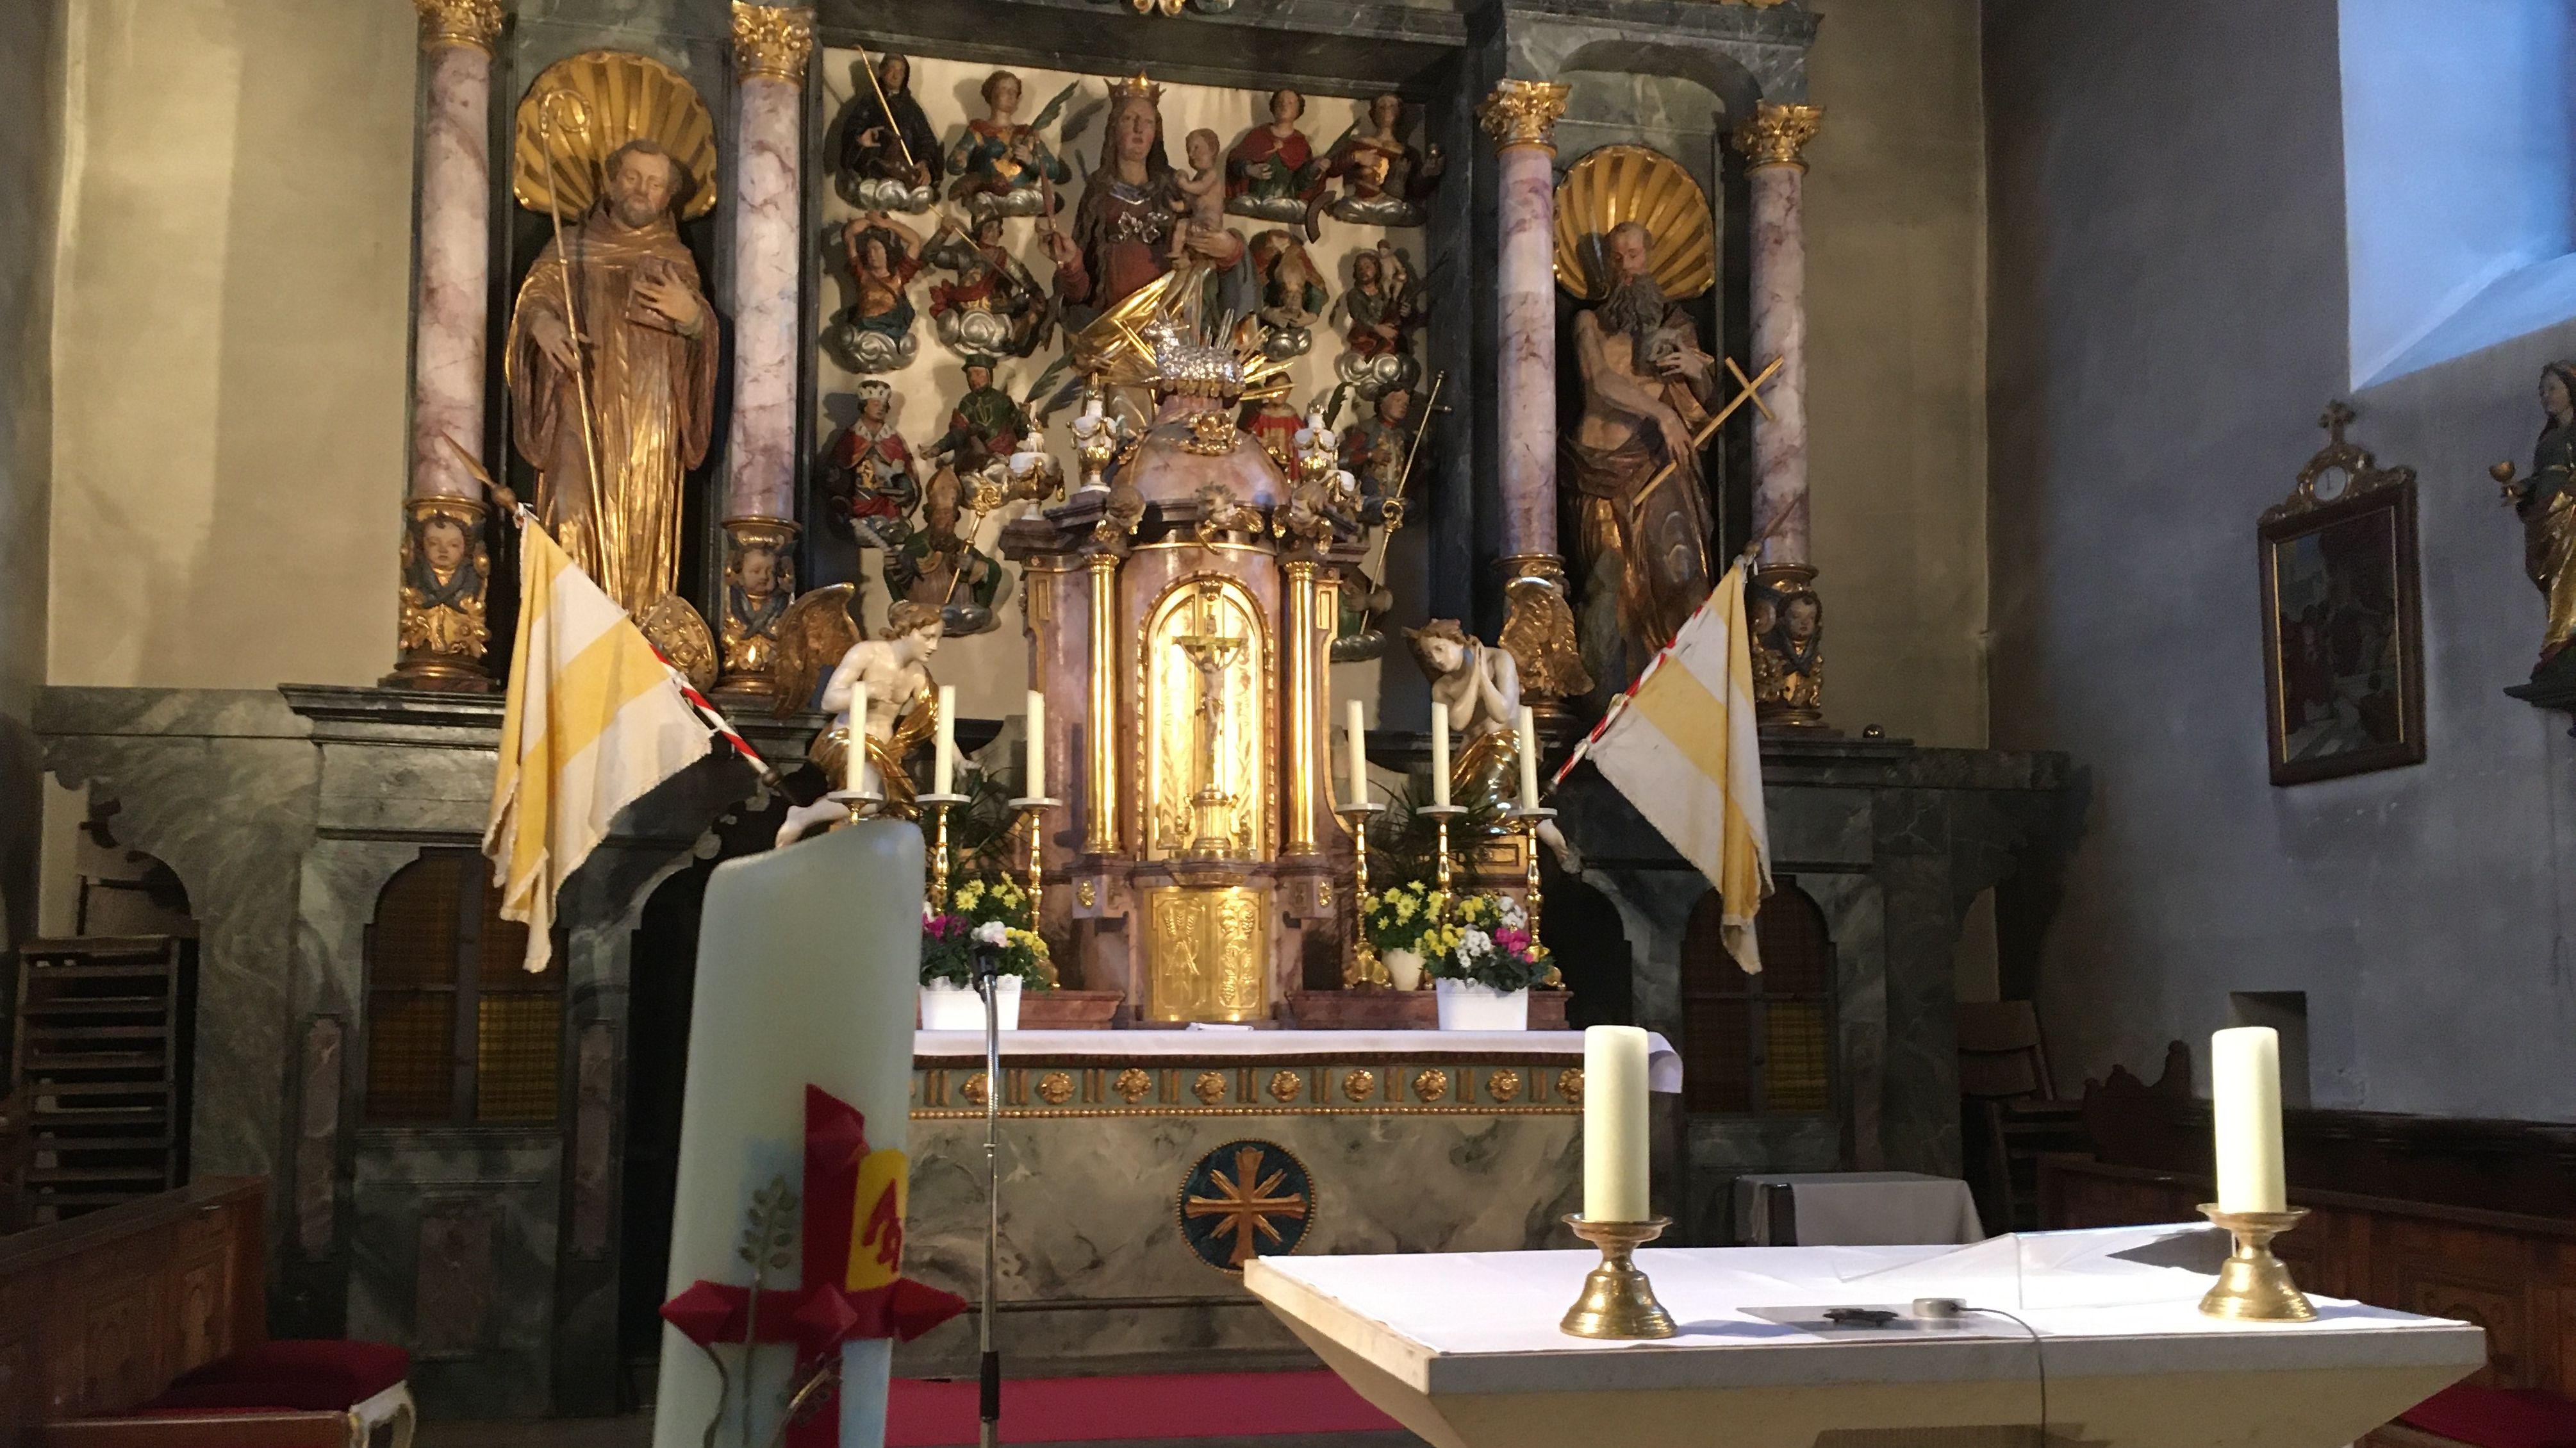 Altar in St. Barbara